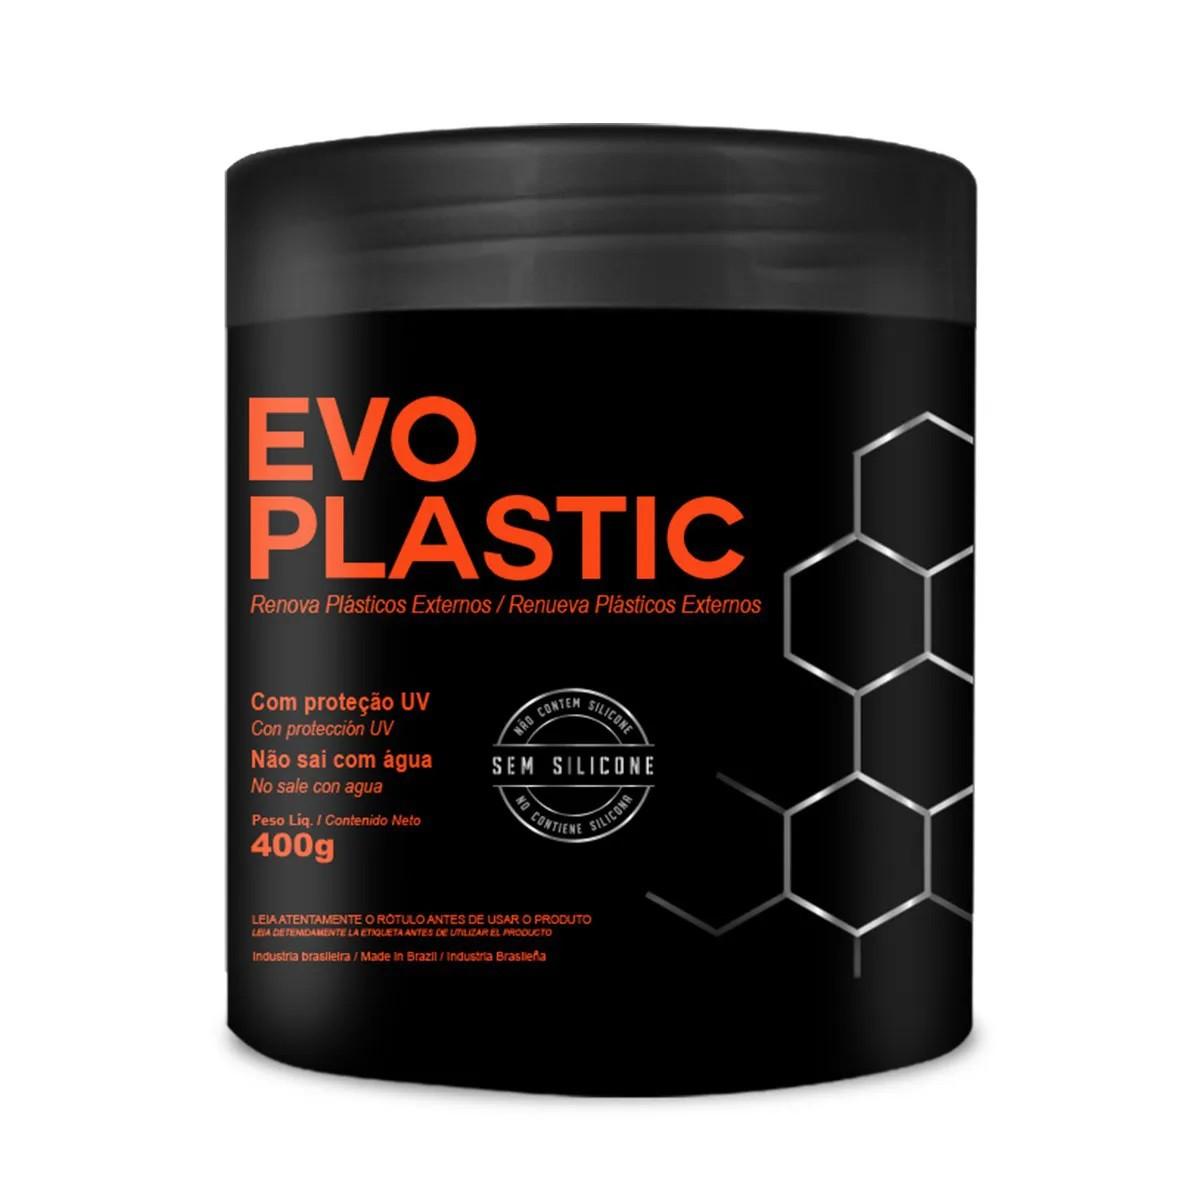 Renova Plásticos Externos 400g Evoplastic Evox